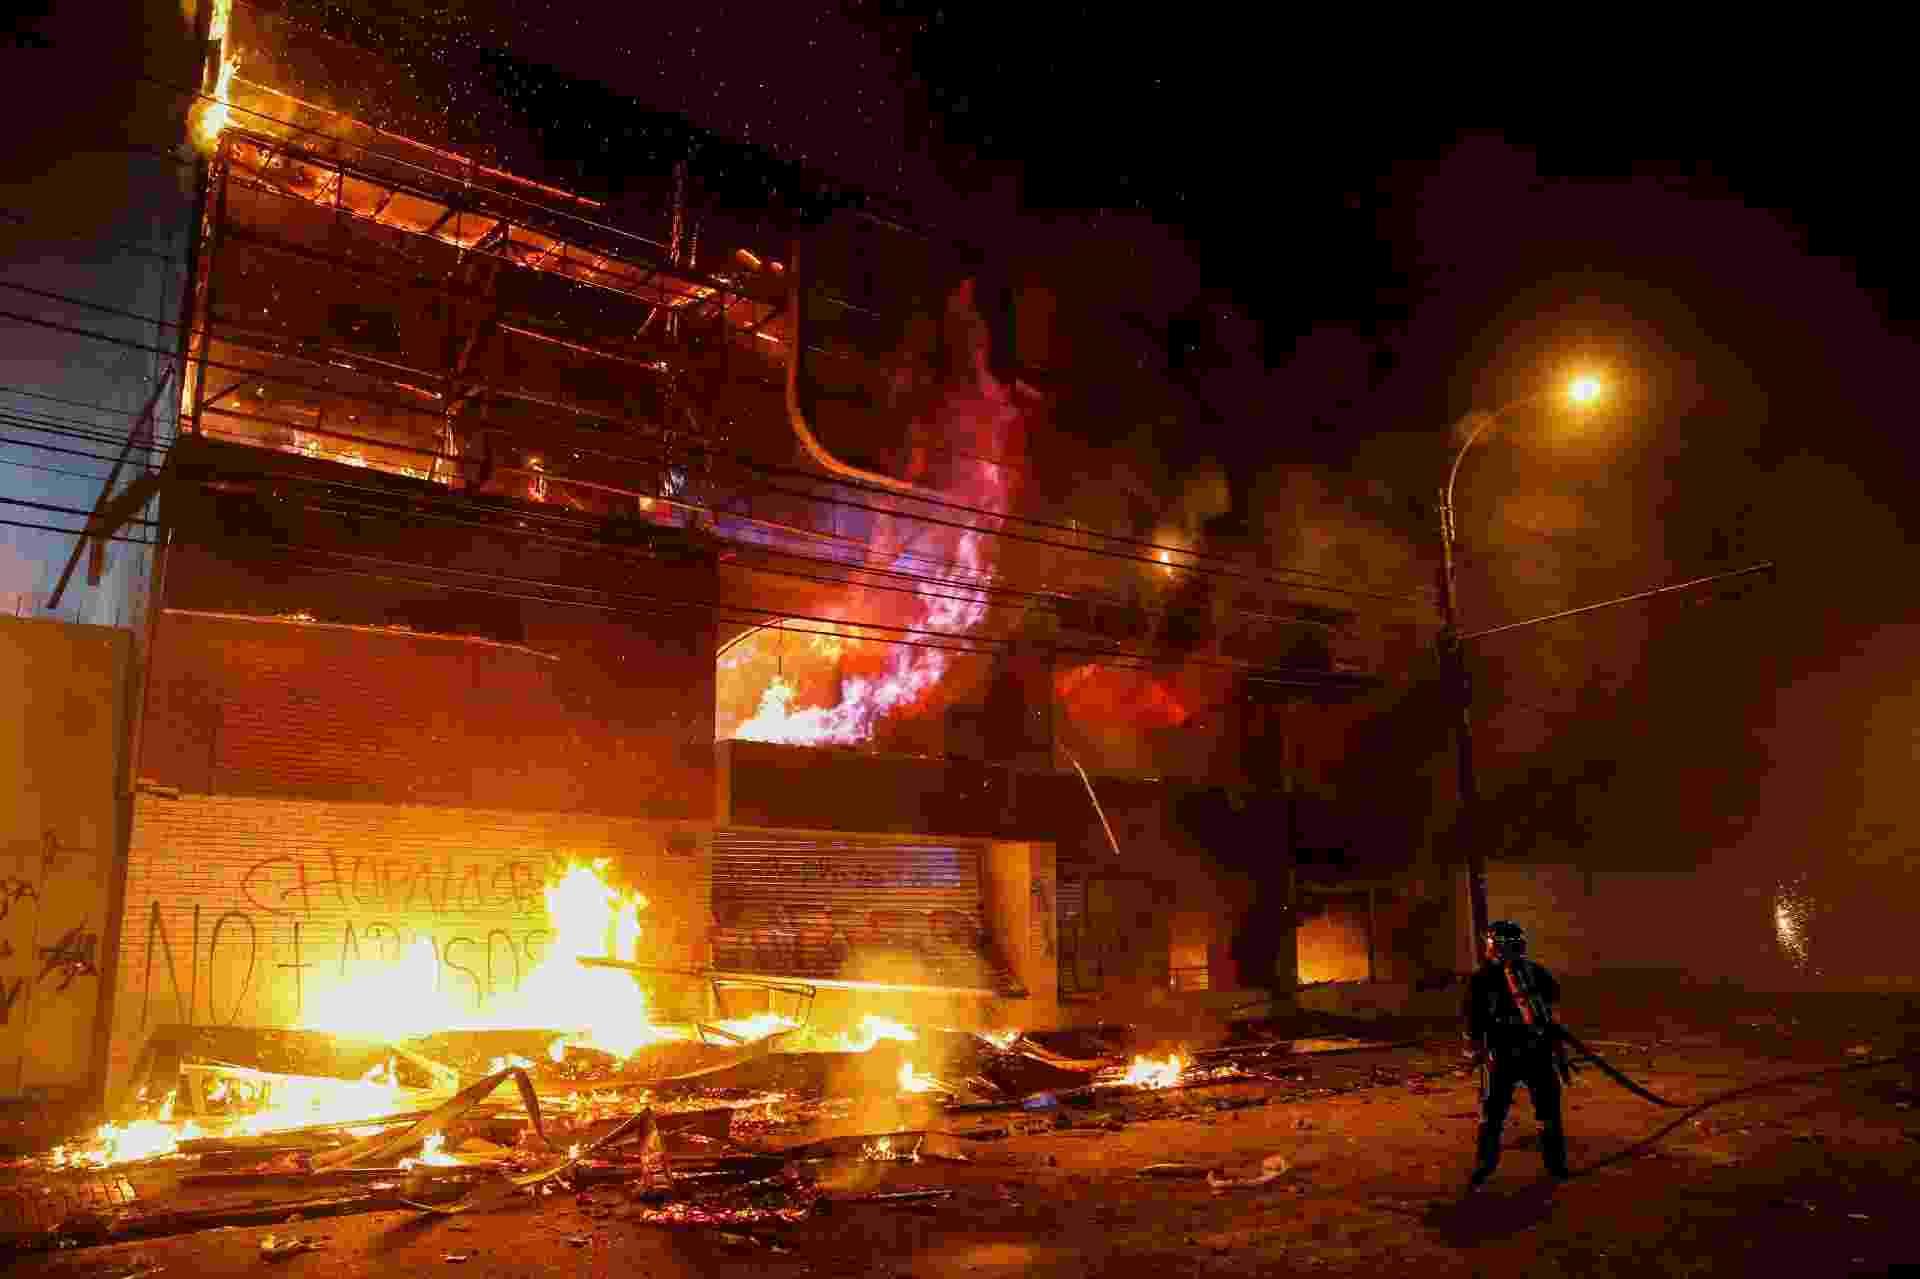 Bombeiro tenta combater as chamas em supermercado em Valparaíso, no Chile, durante onda de protestos contra o governo - Rodrigo Garrido/Reuters